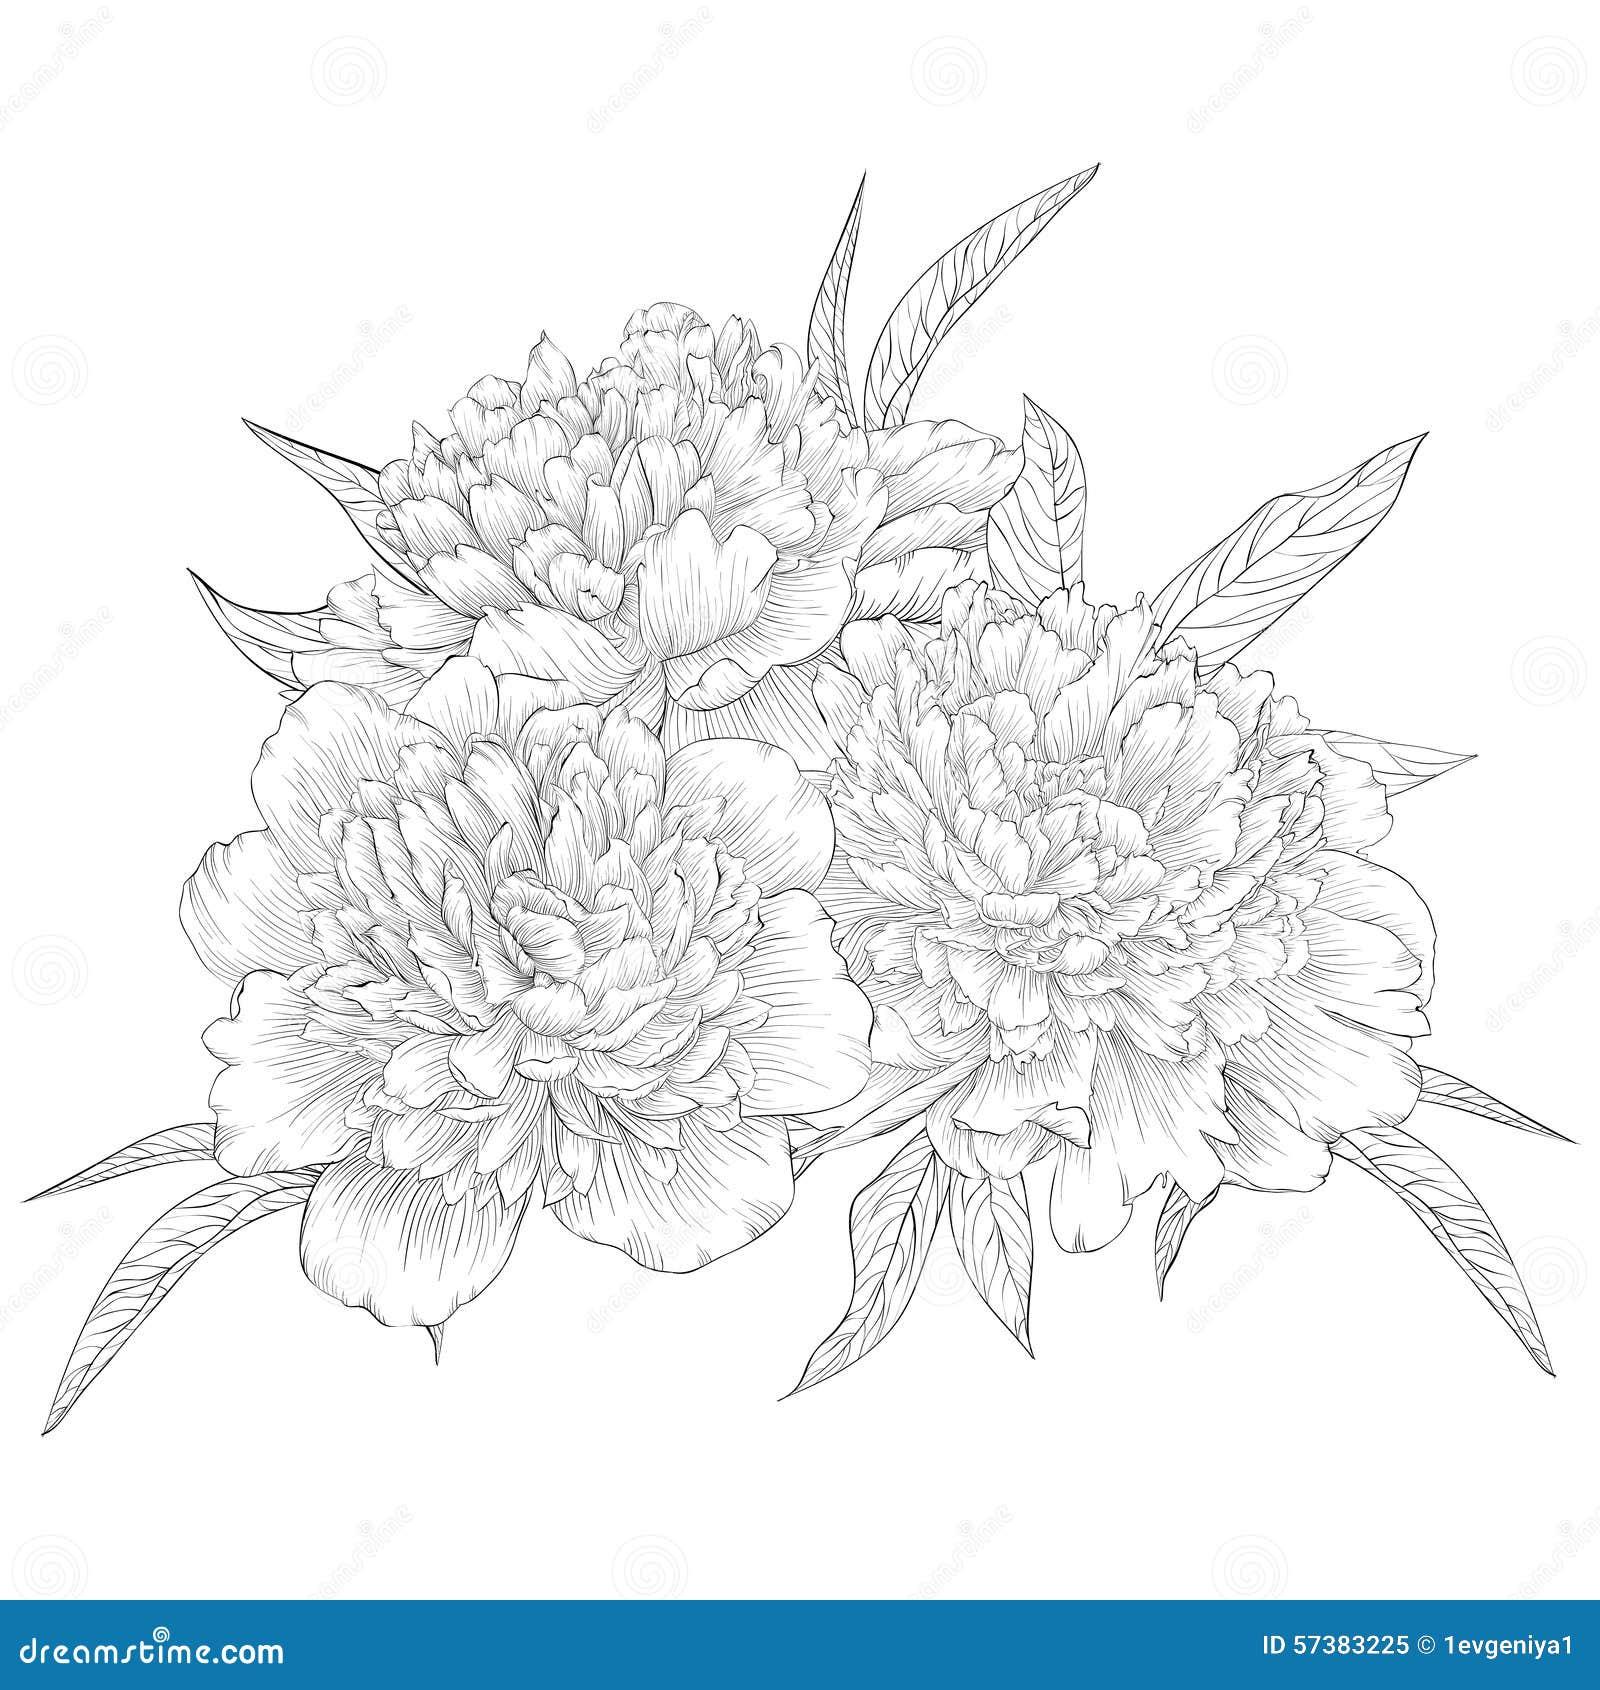 Mooie zwart-wit zwart-witte die boeketpioen op achtergrond wordt geïsoleerd Hand-drawn contourlijn